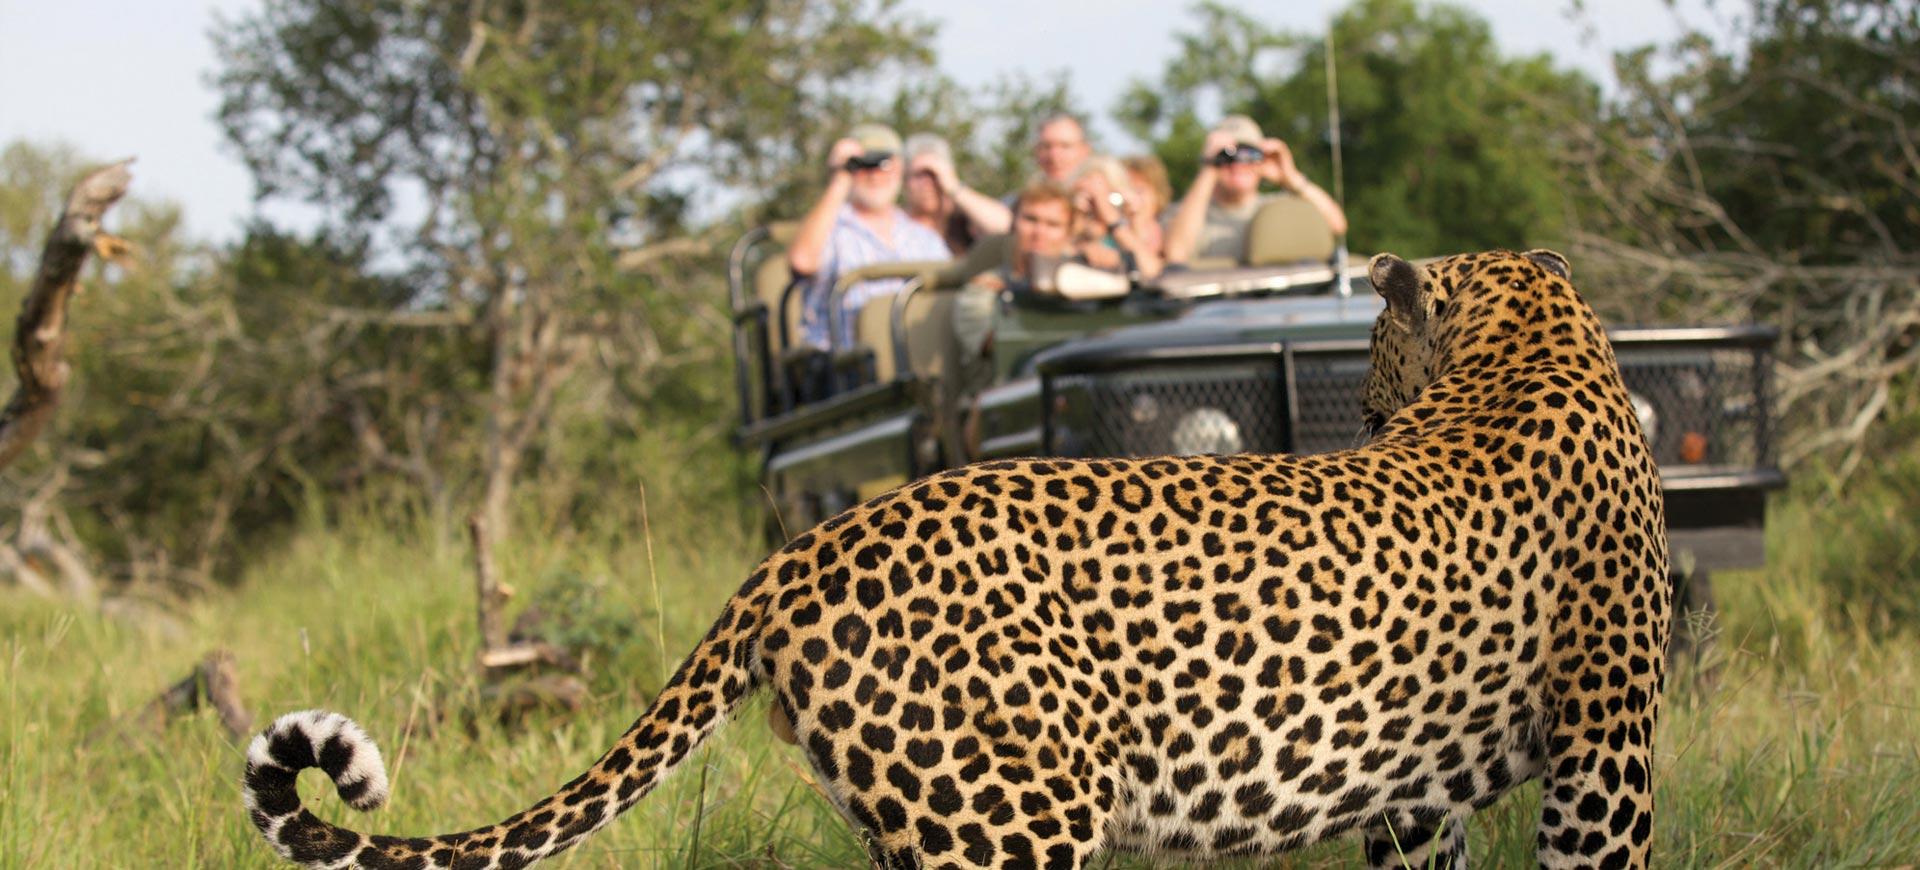 Safari Game Drive Kruger Park